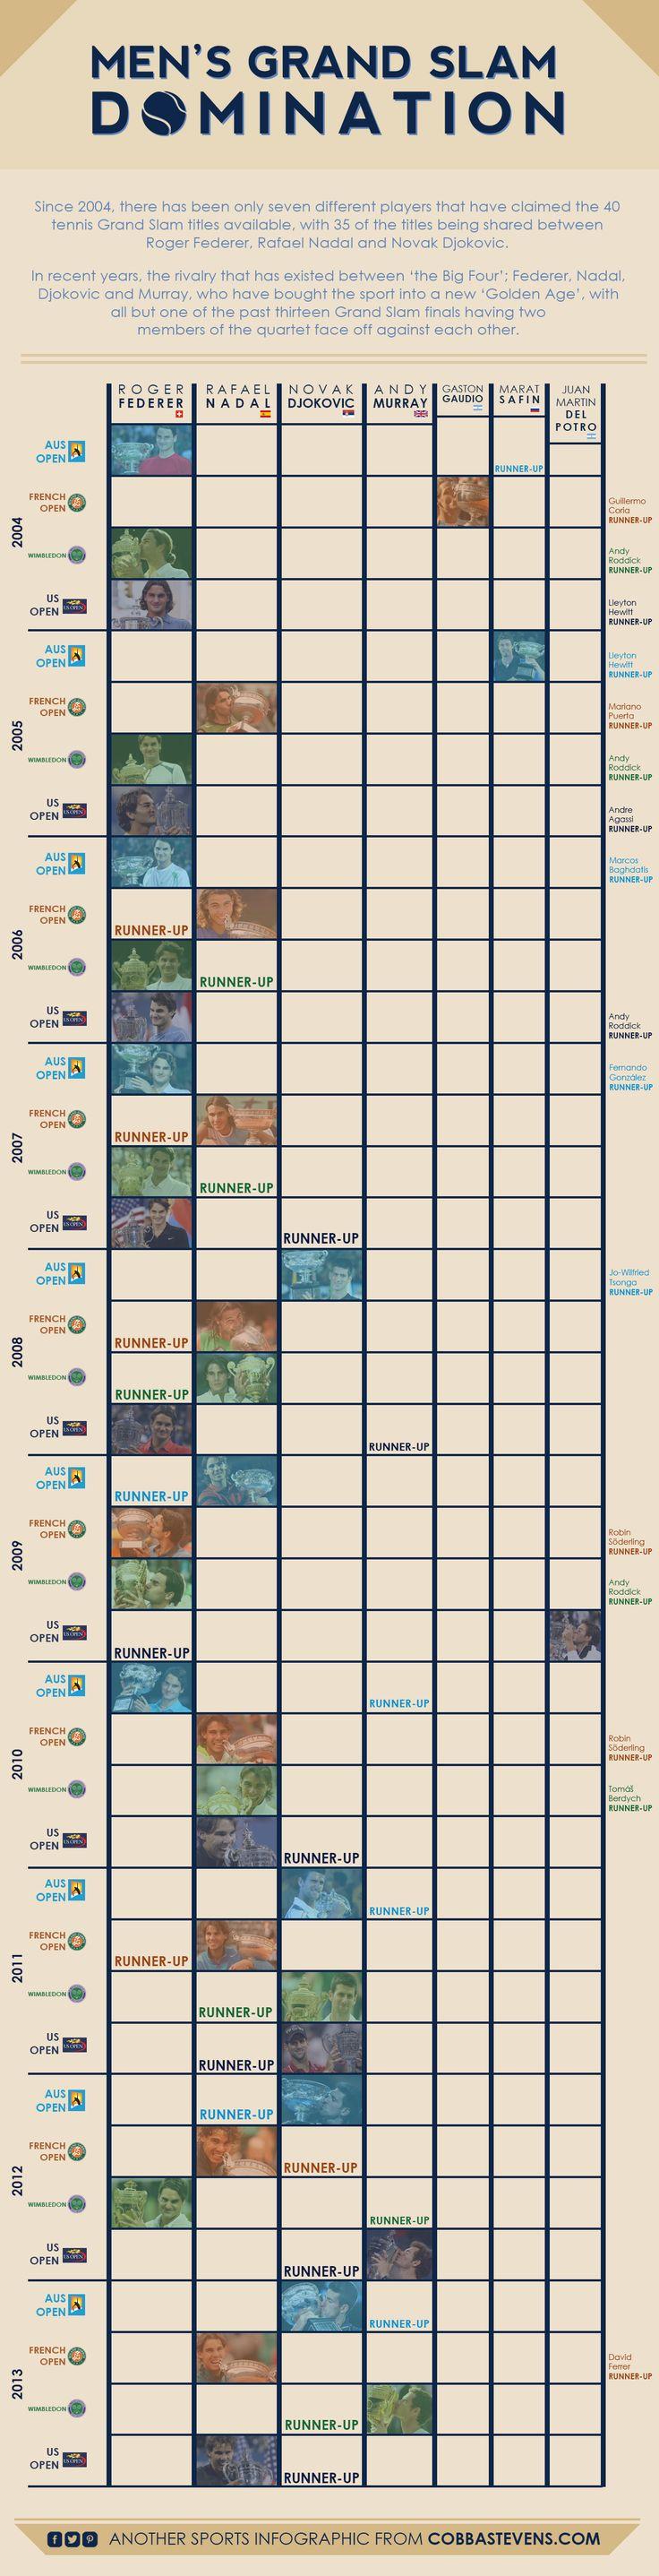 Men's Tennis Grand Slam Domination infographic - Roger Federer, Rafael Nadal, Novak Djokovic, Andy Murray http://cobbastevens.com/2013/12/18/mens-grand-slam-domination-infographic/